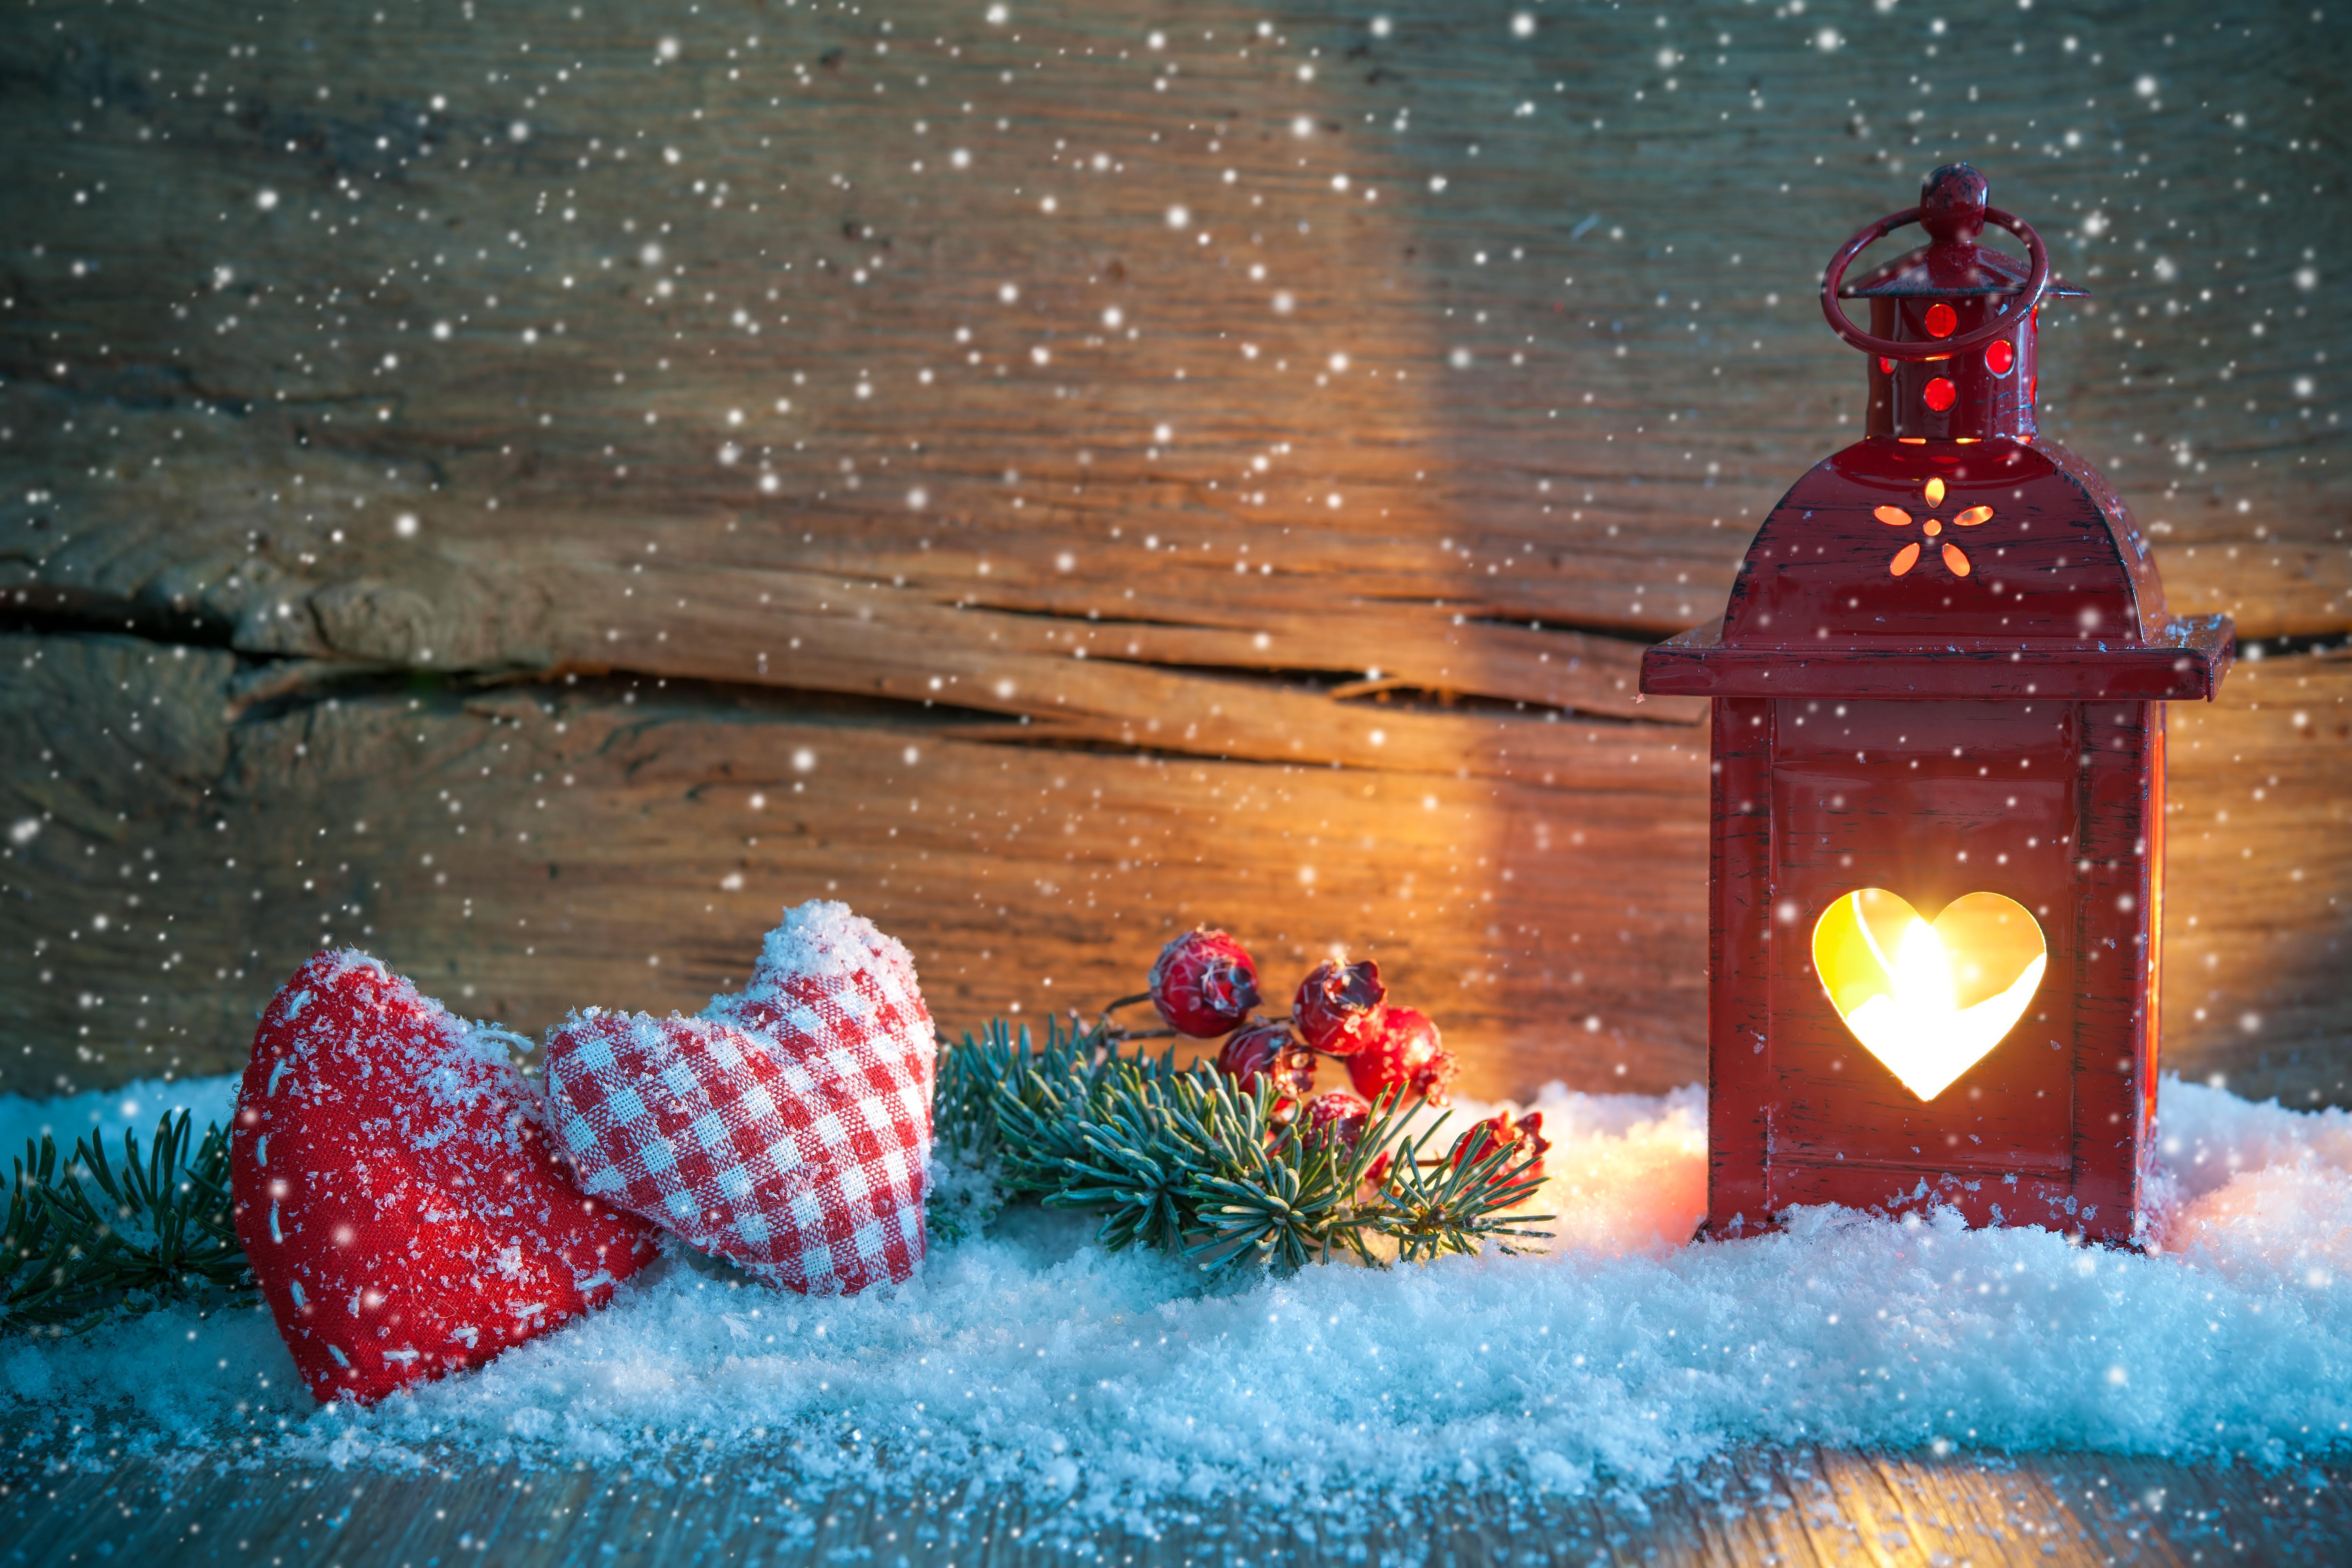 малодушная мысль новый год фото на рабочий стол сердечками способ маринования шашлыка